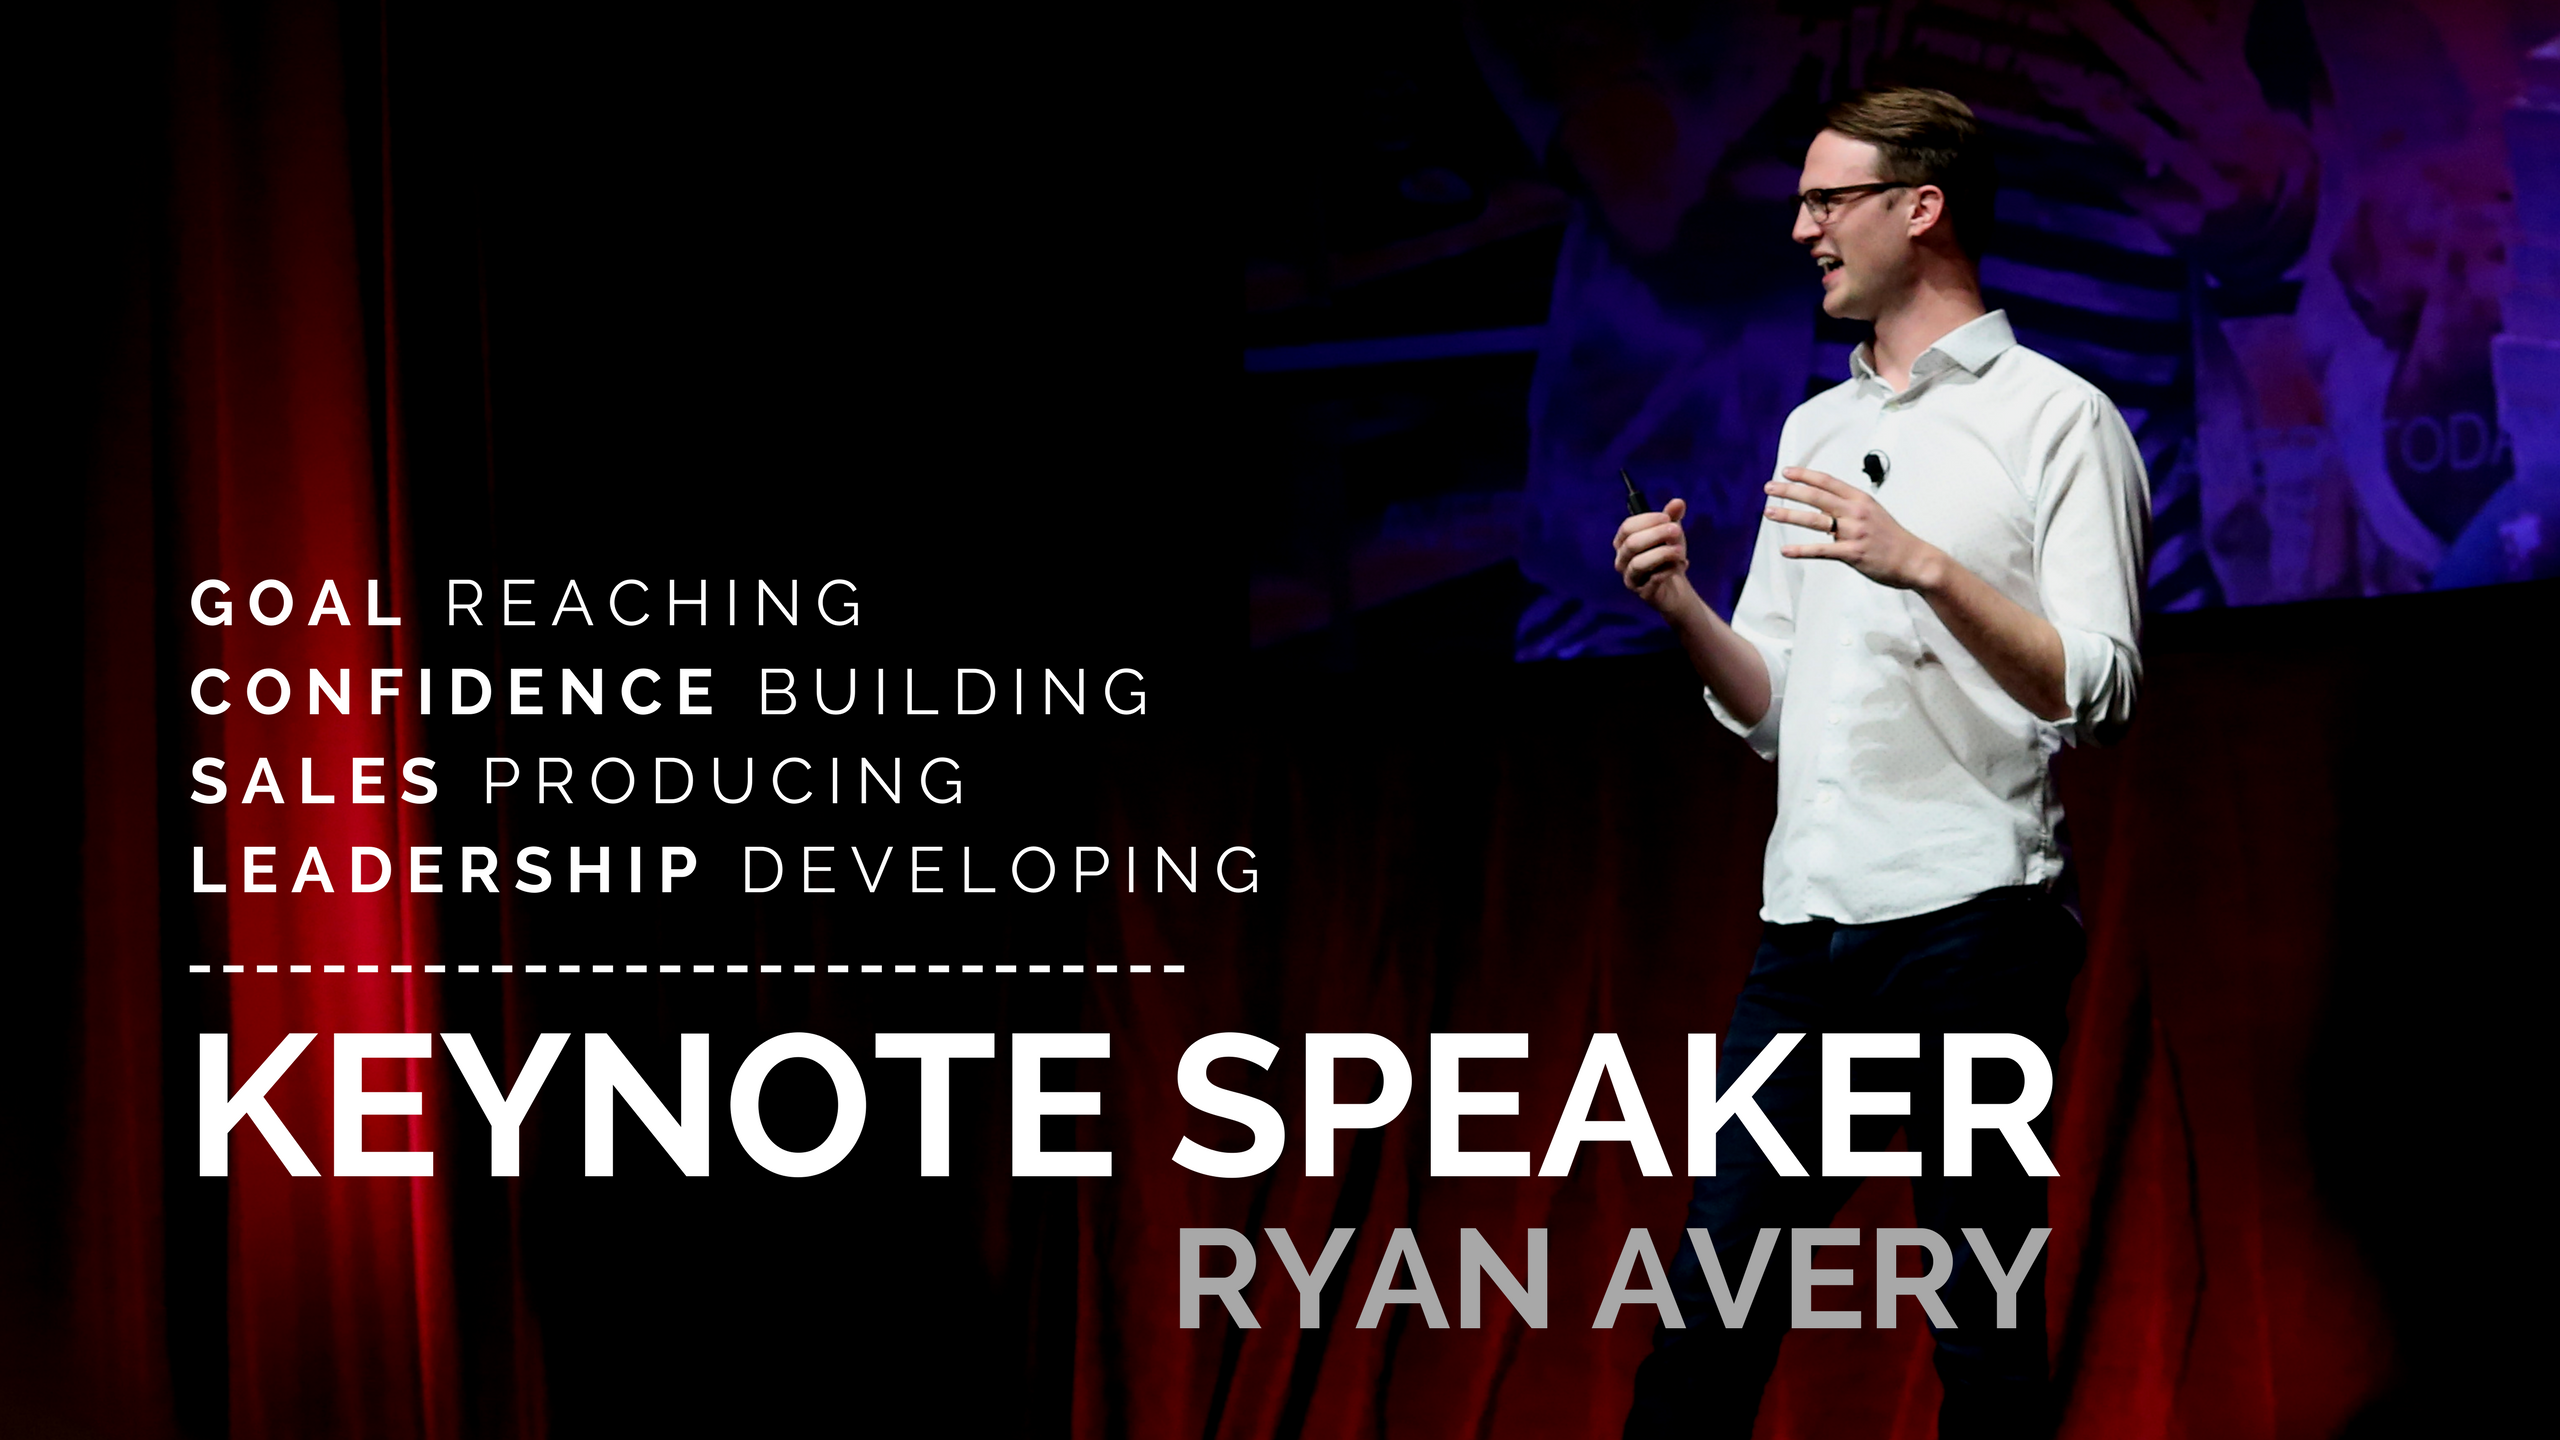 motivational keynote speaker ryan avery ryan avery